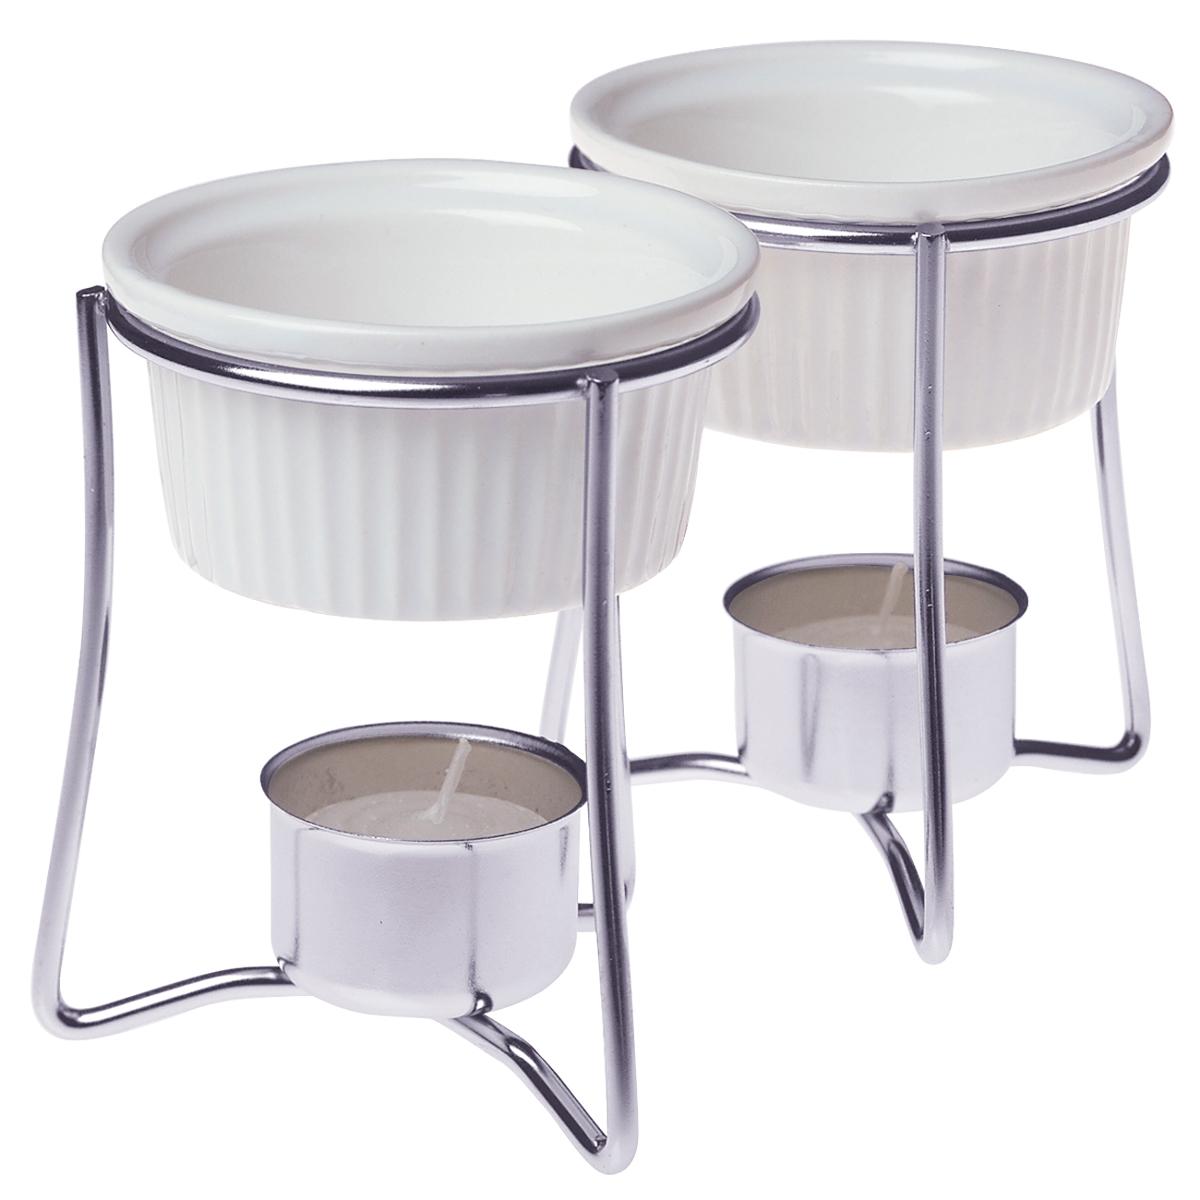 progressive butter warmer seafood dip server new ebay. Black Bedroom Furniture Sets. Home Design Ideas